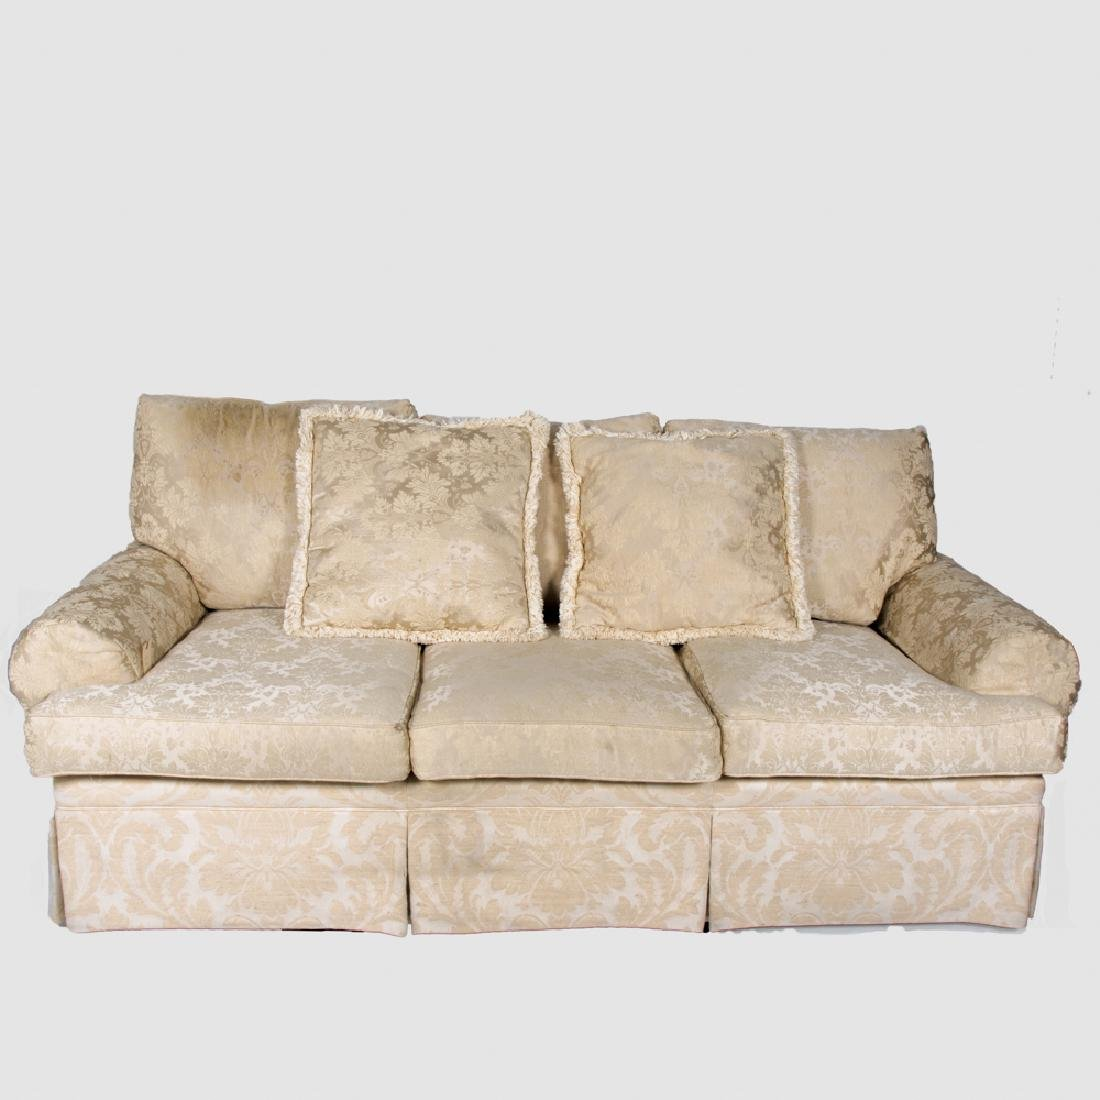 A Henredon Ivory Damask Upholstered Sofa, 20th Century.